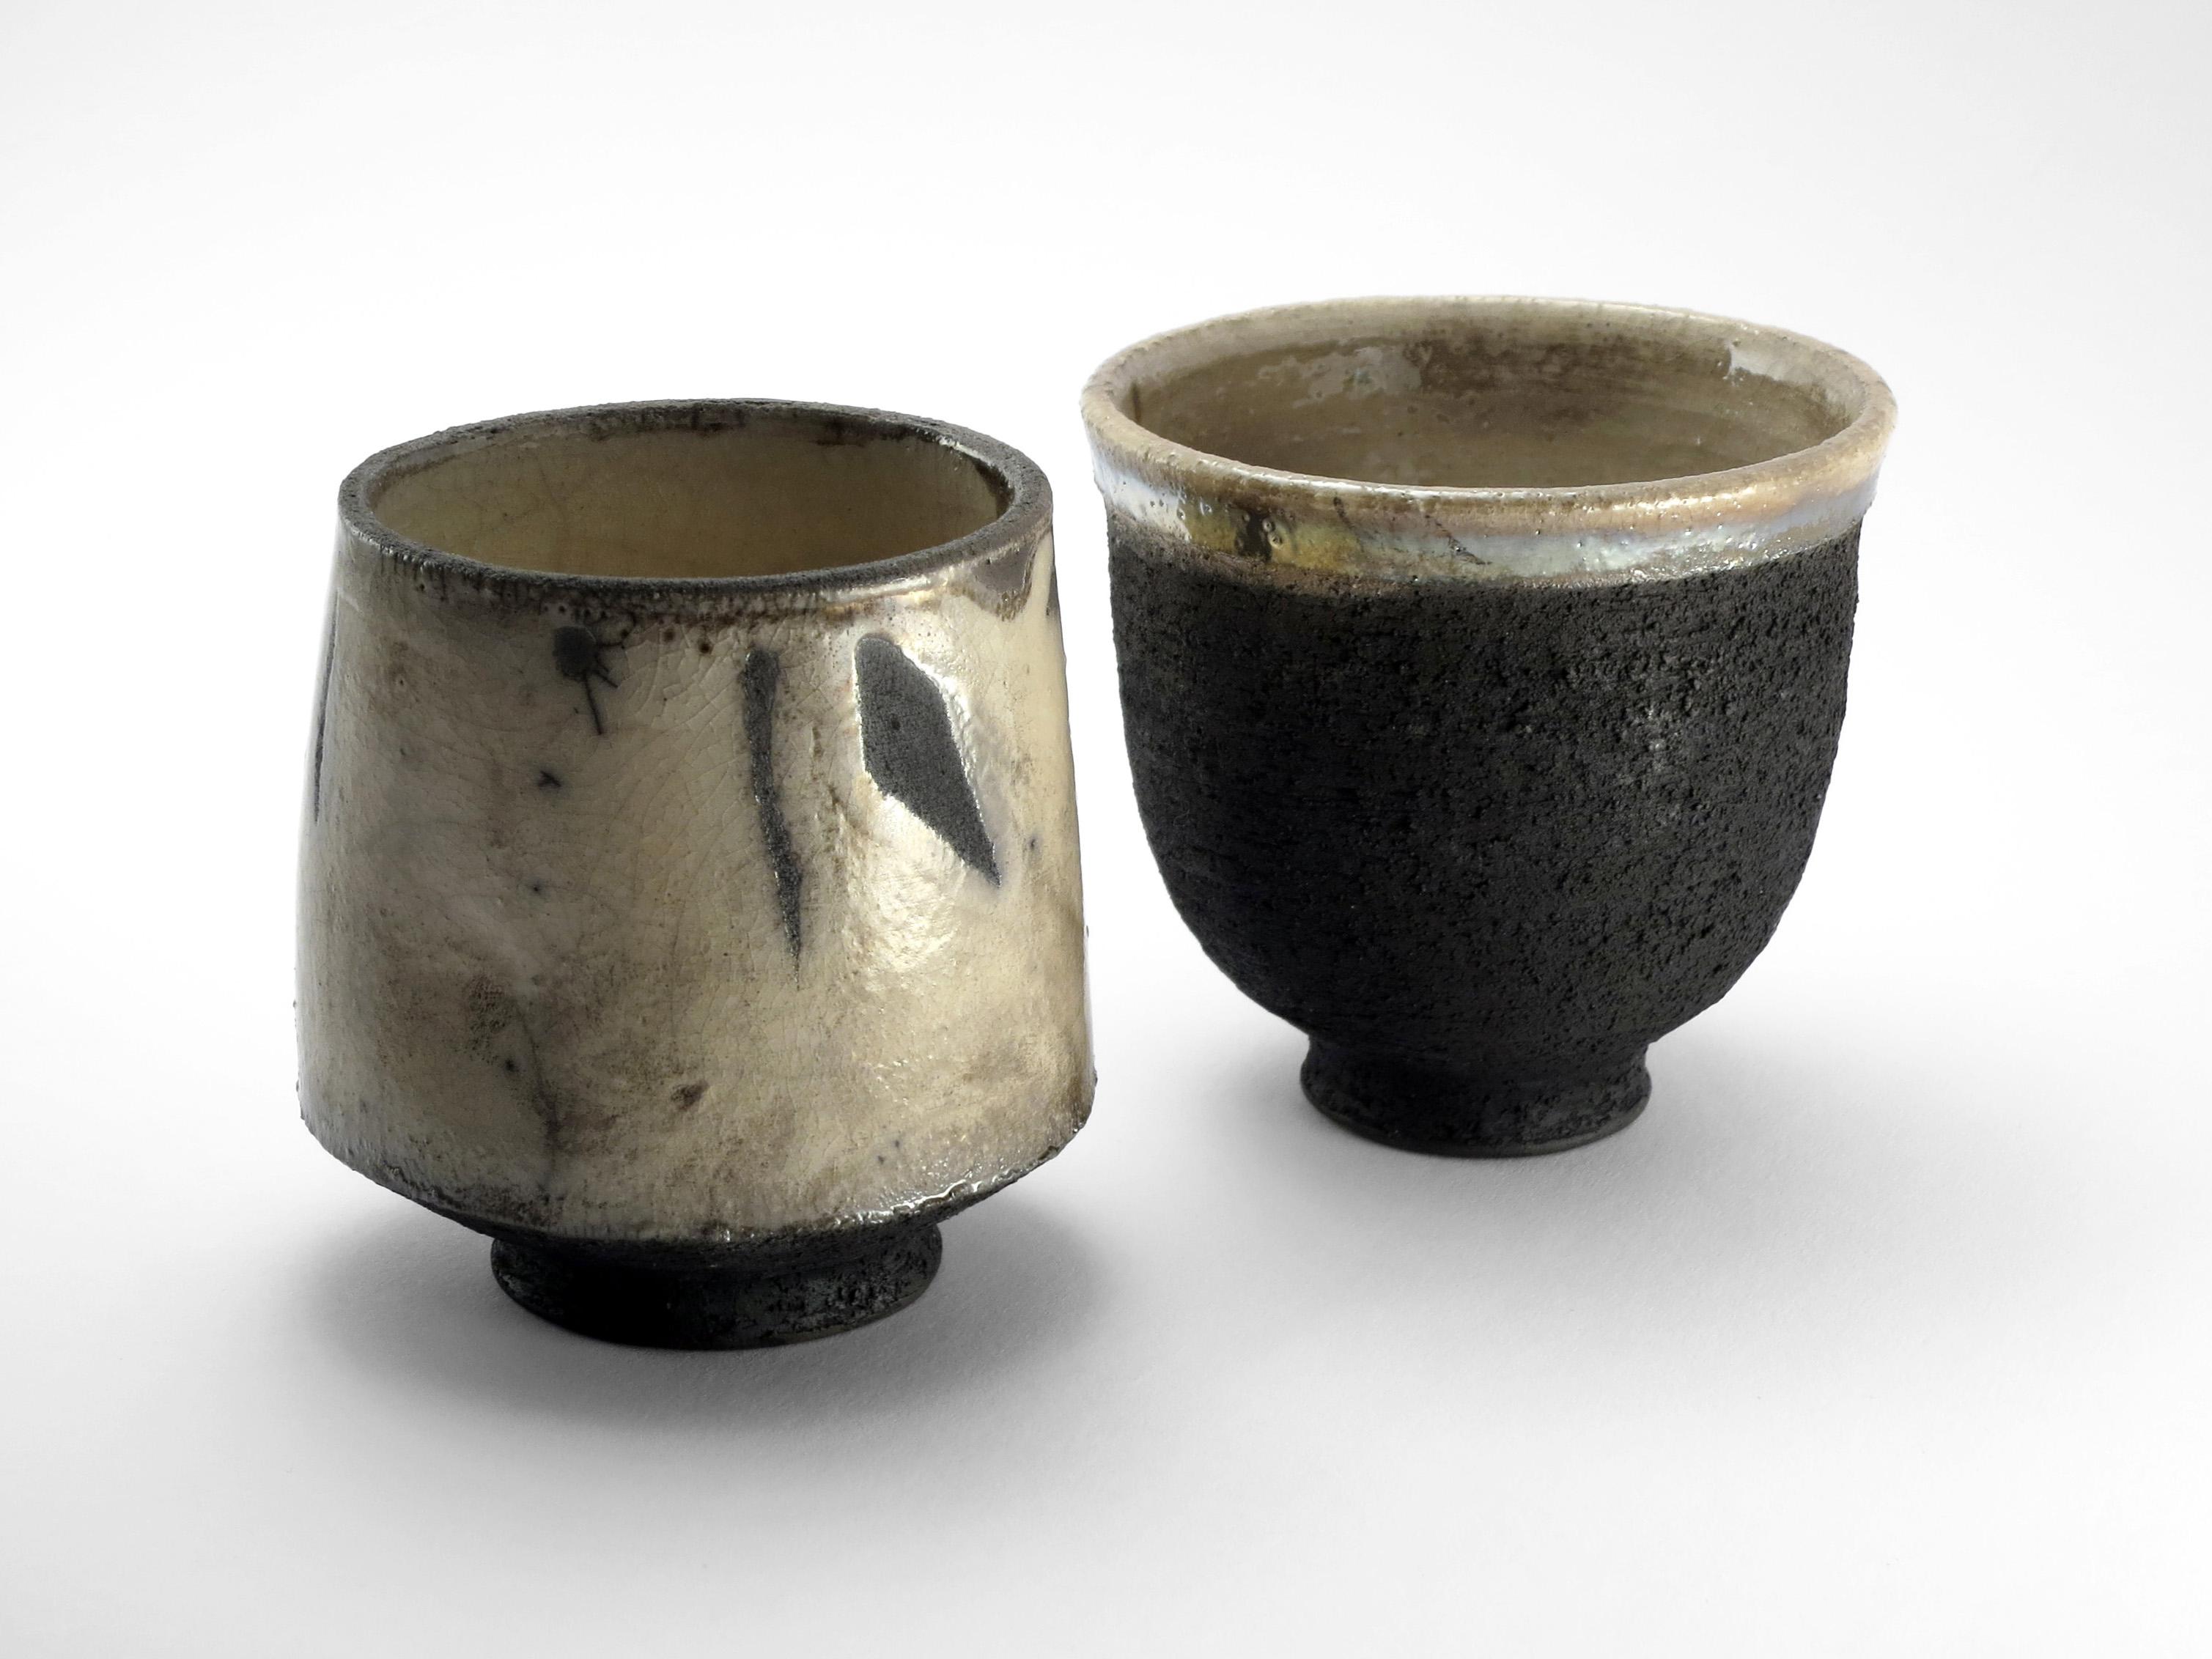 Japanese Style Tea Bowl Couple - Ildikó Károlyi